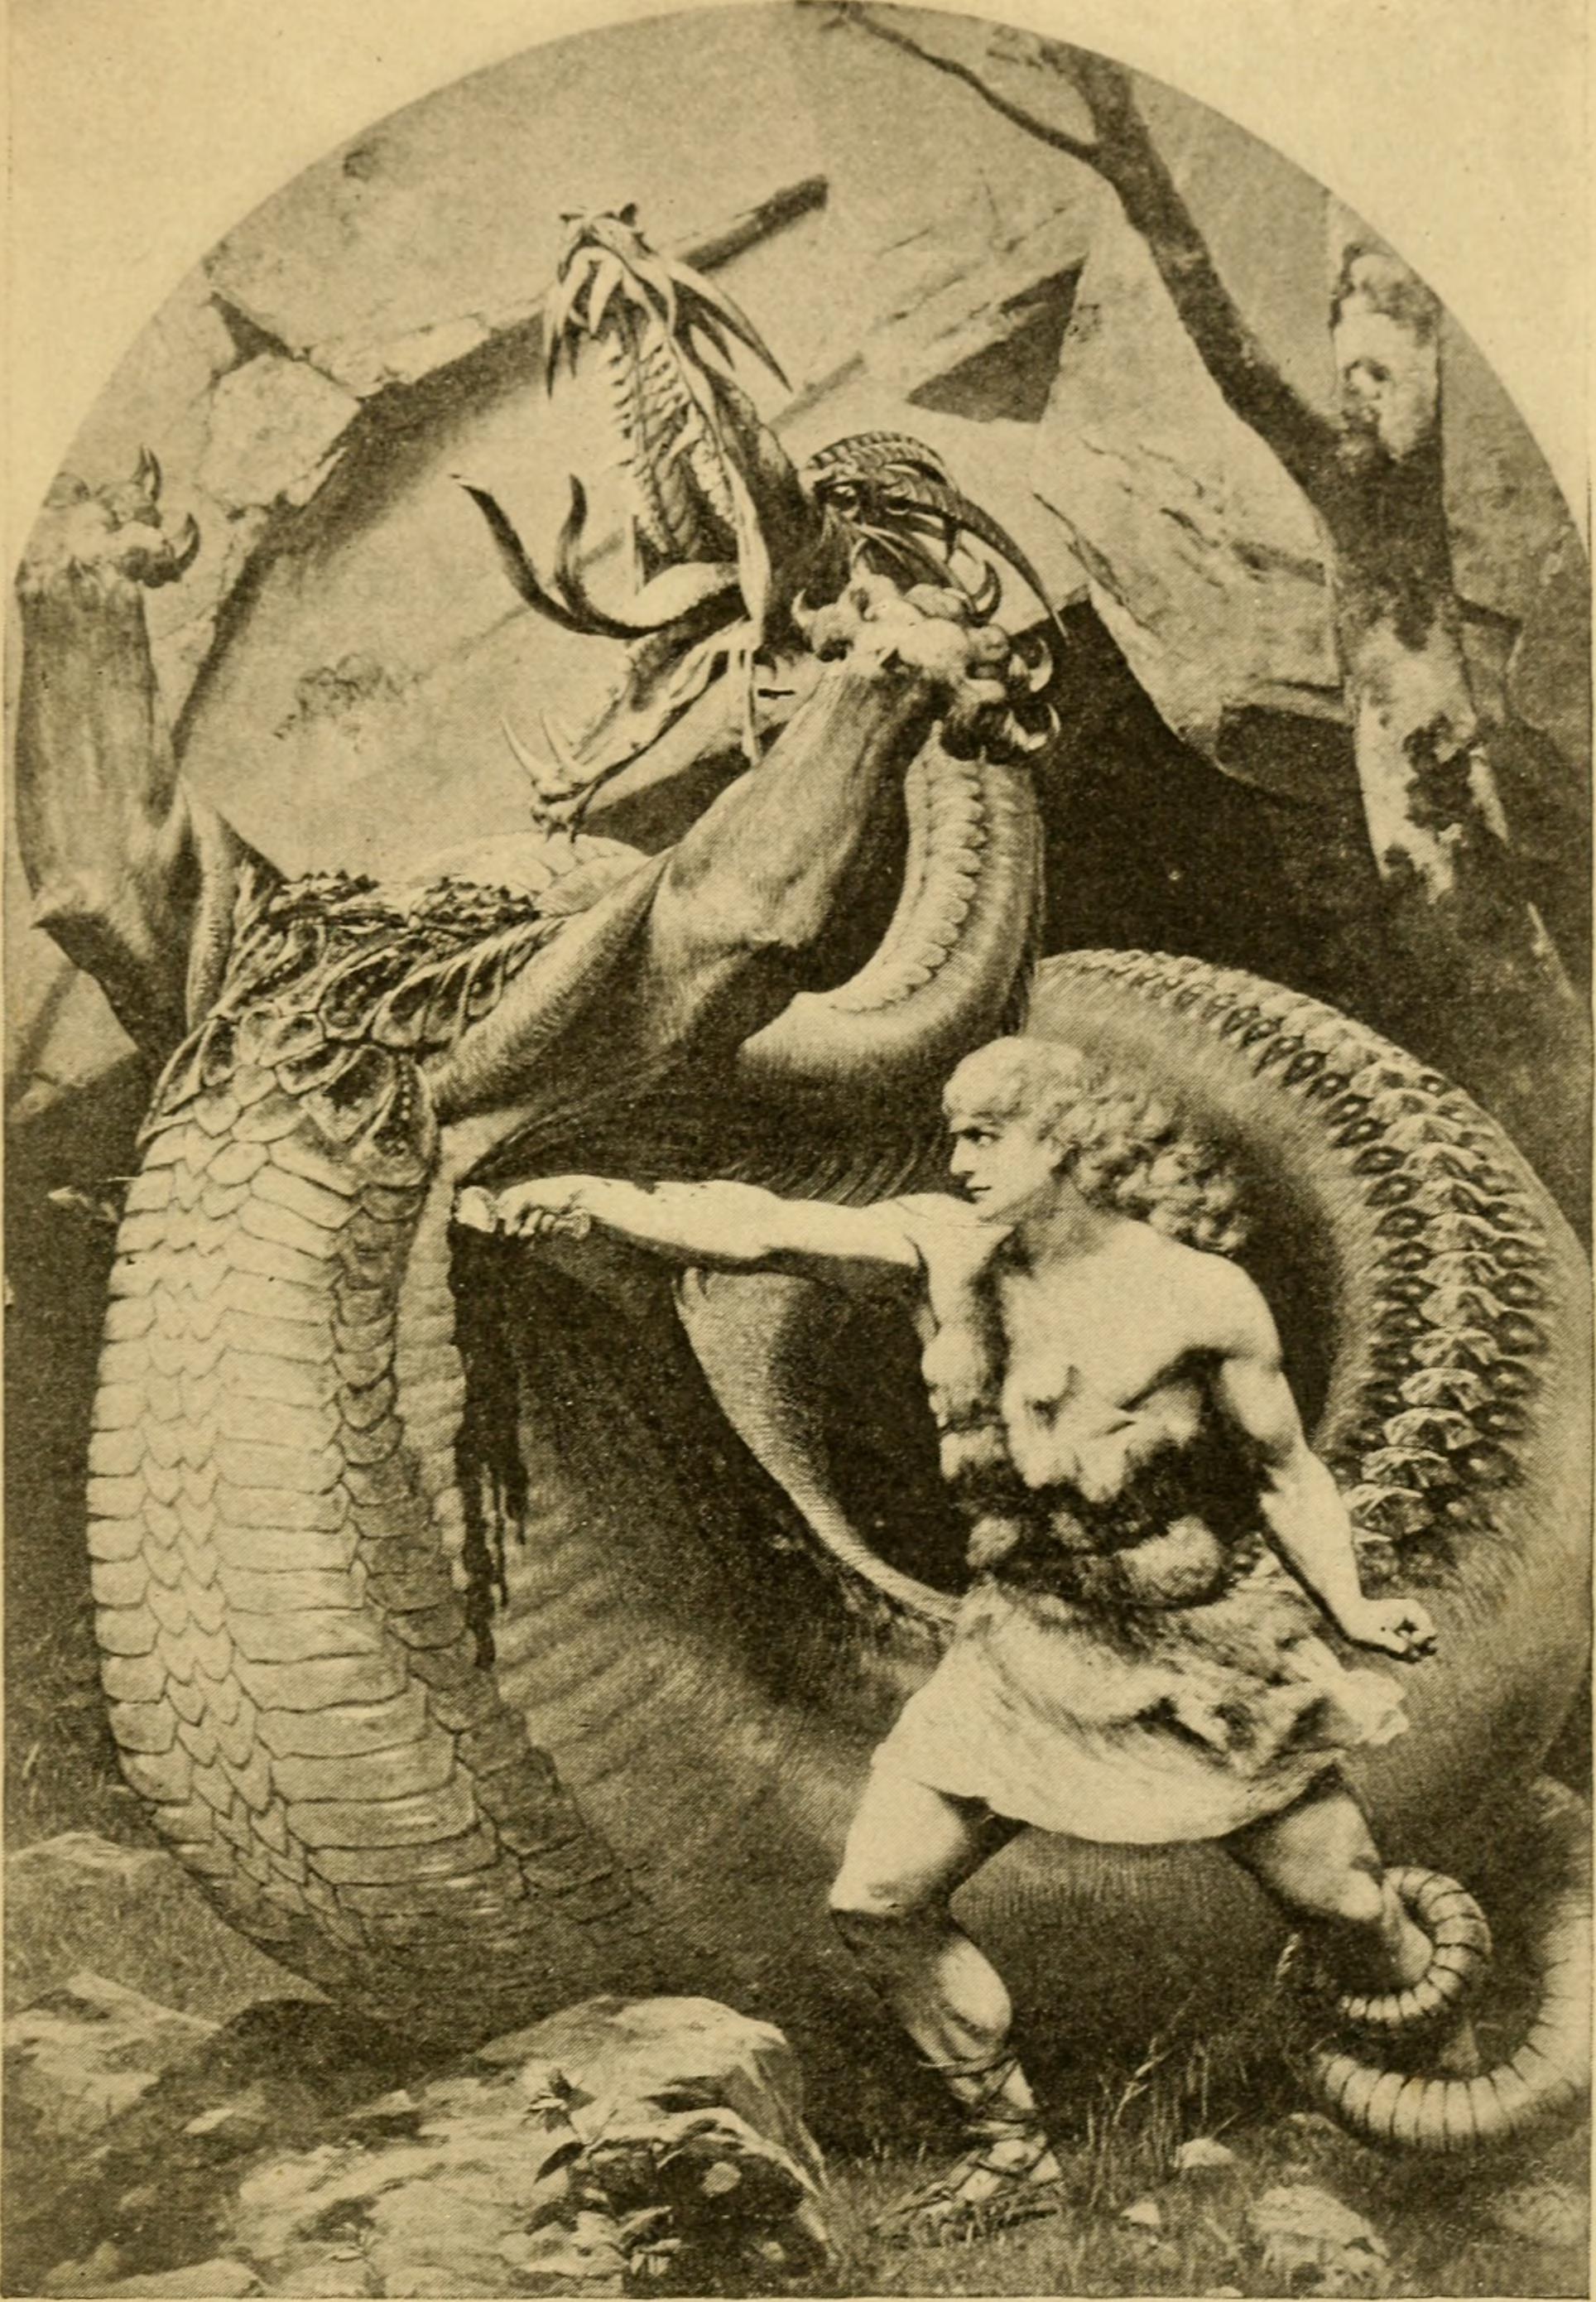 Sigurd kills Fafnir